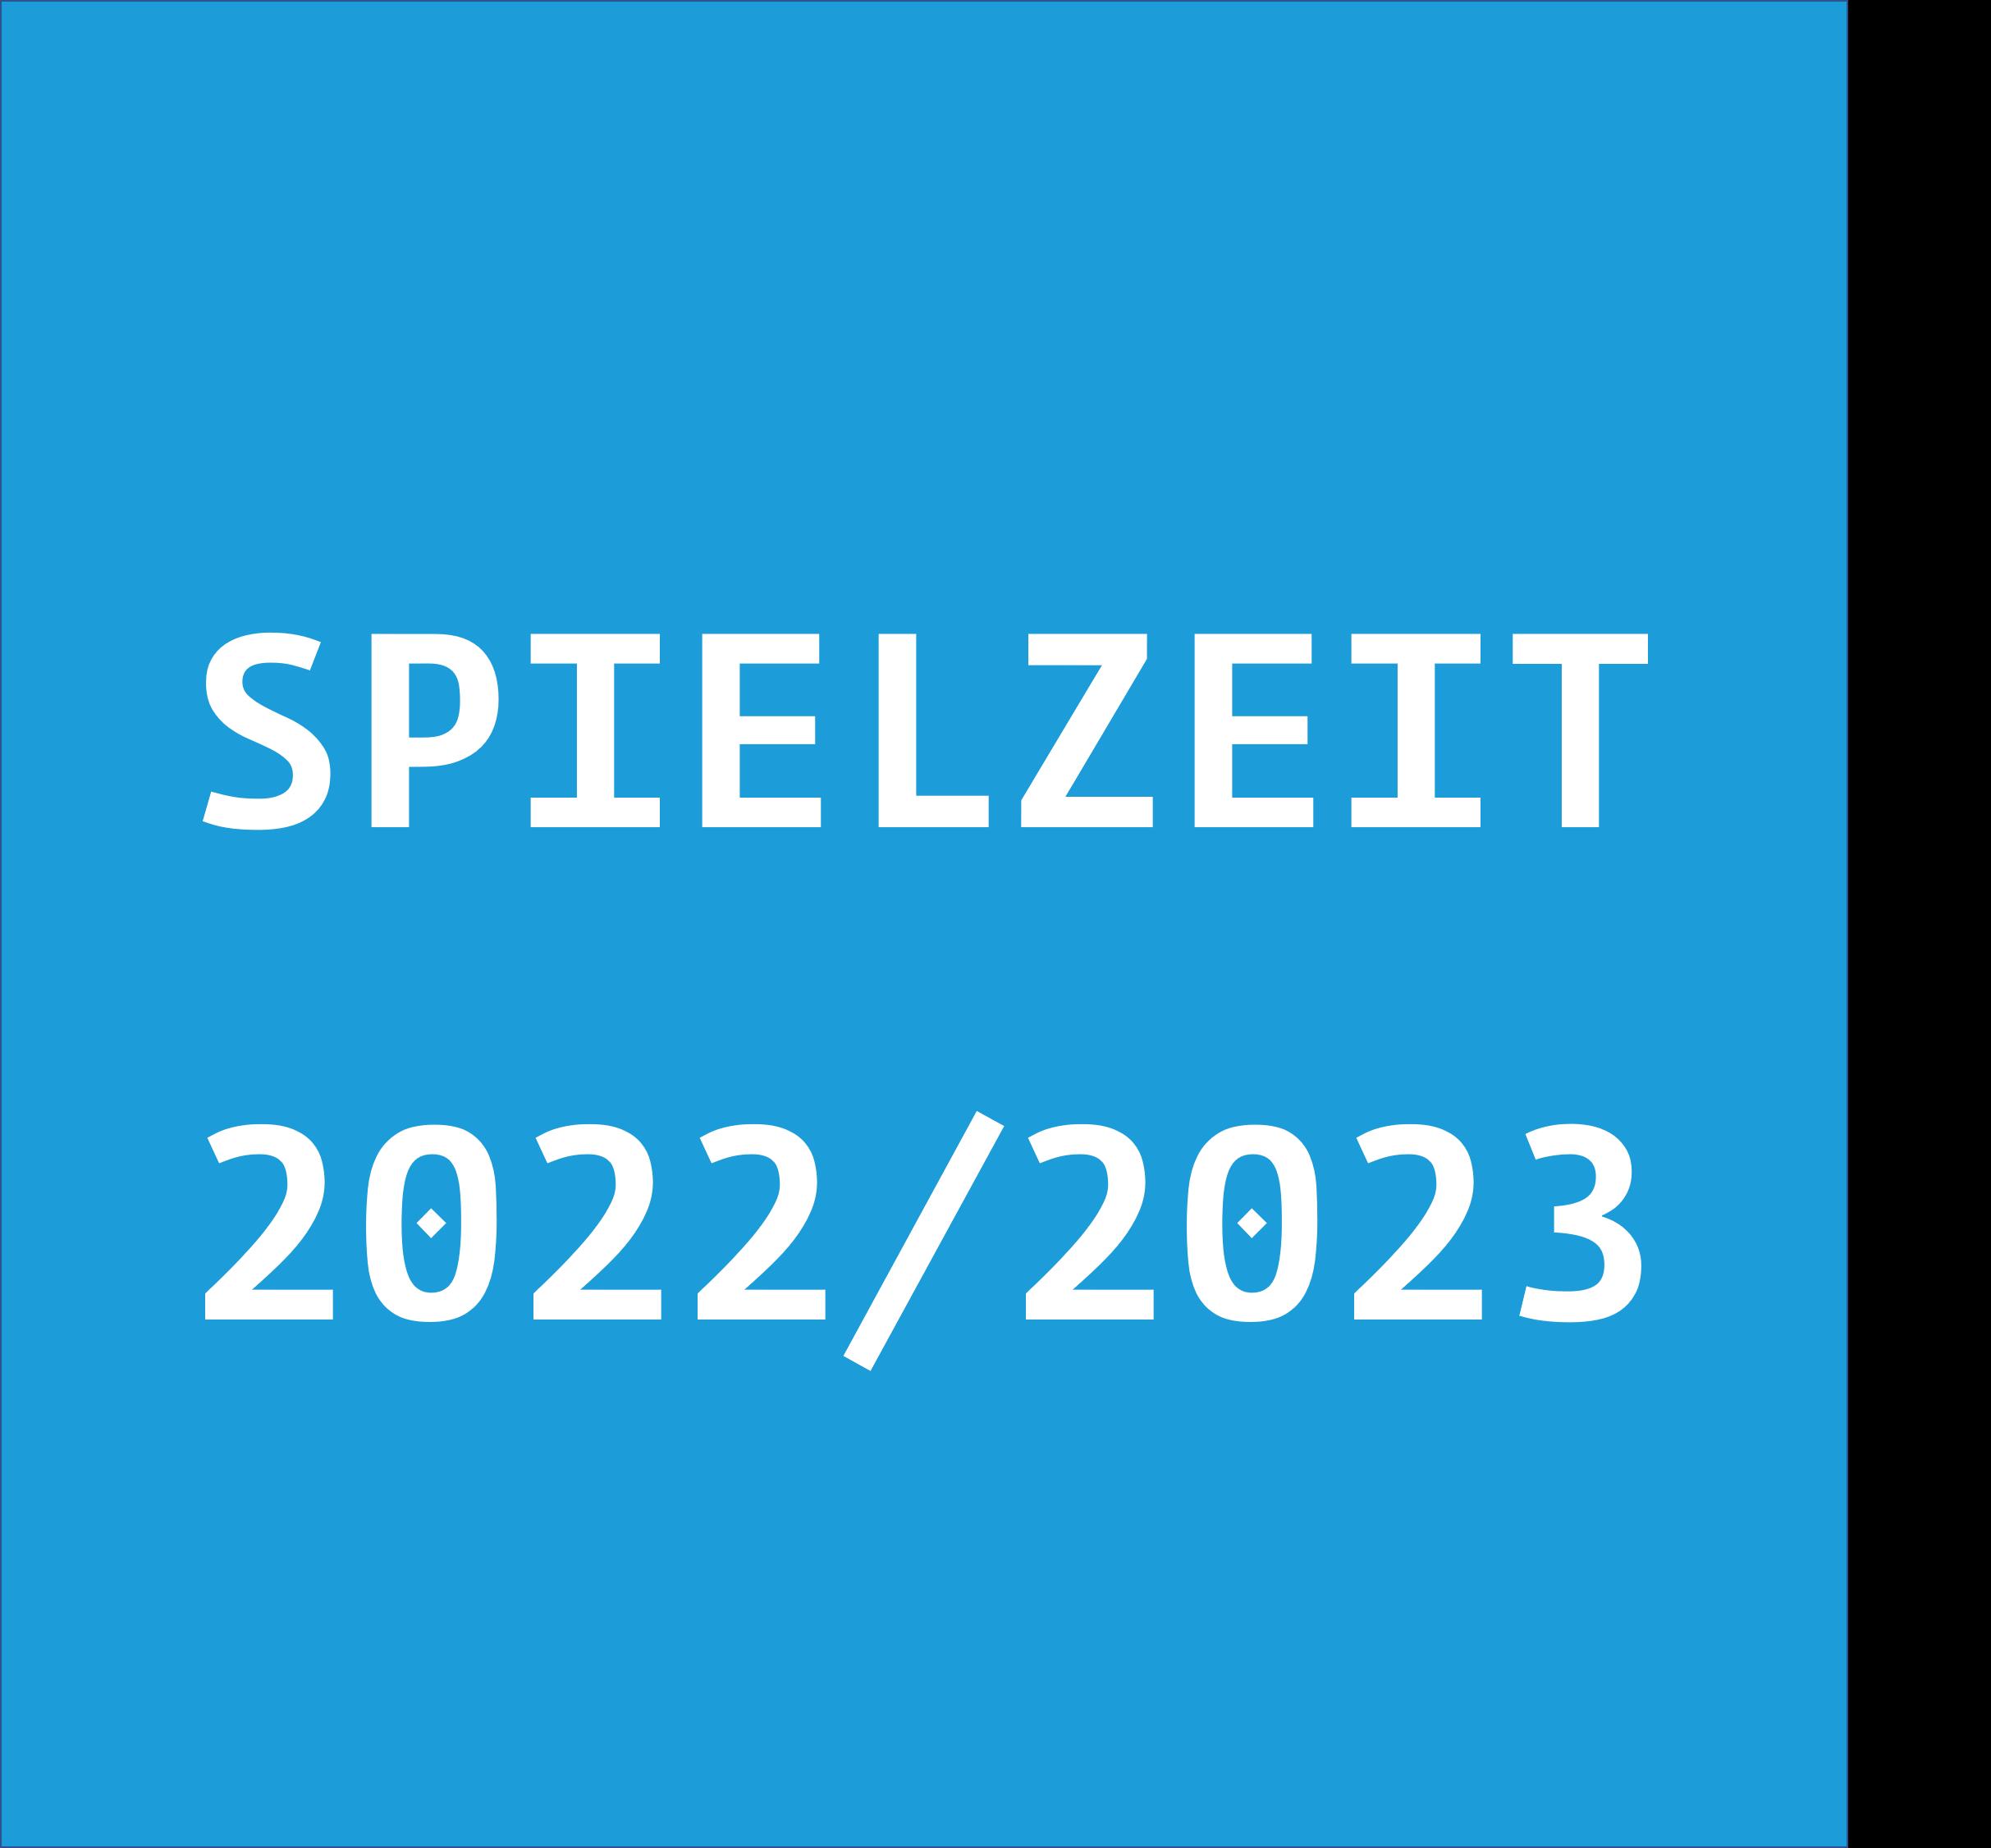 Spielzeit 2022/23